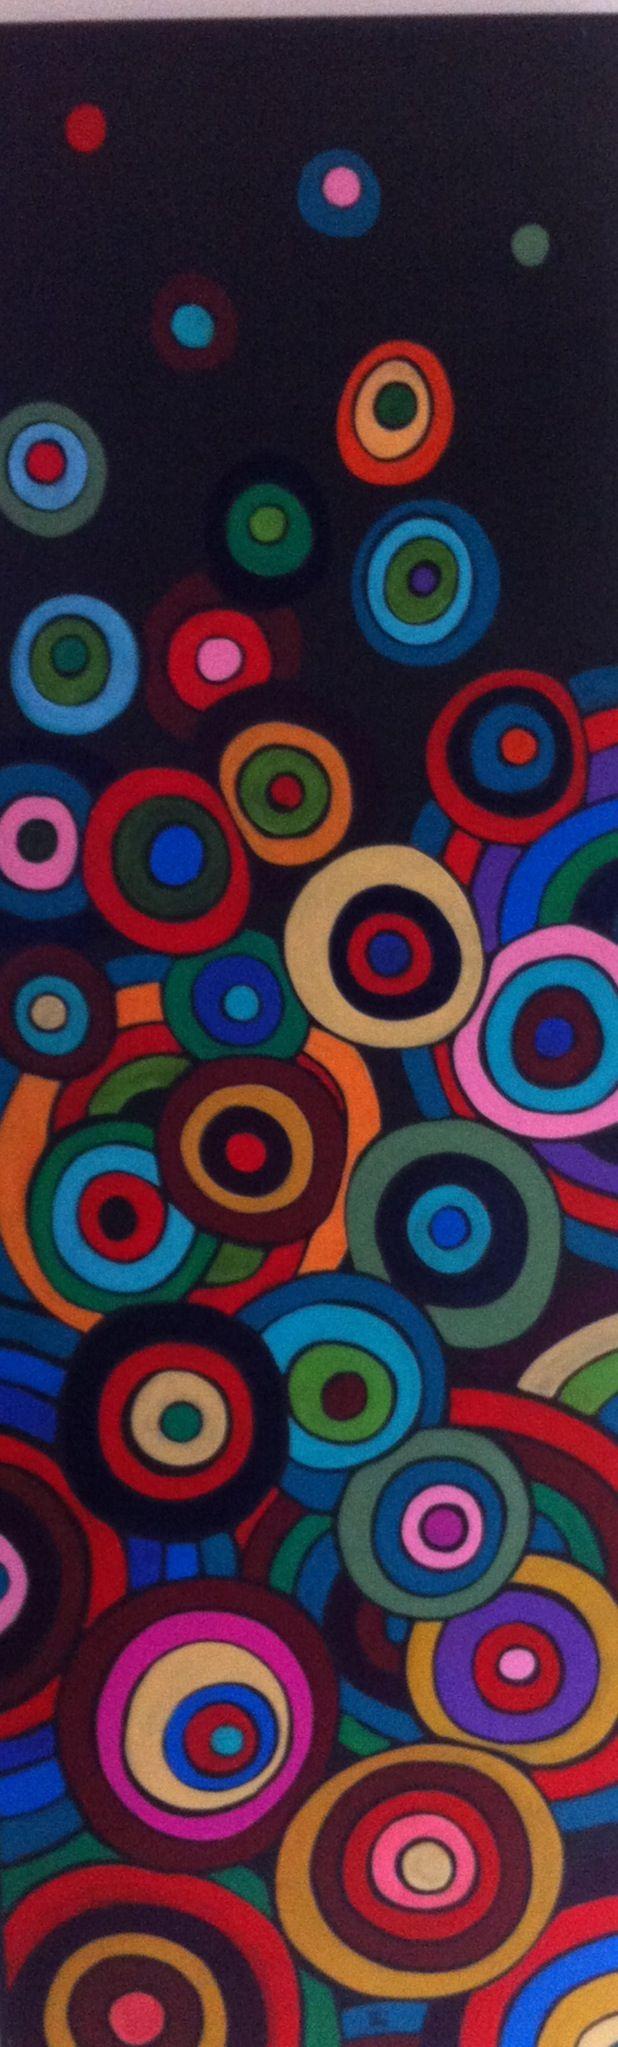 Circles. Acrylic on board 2014 www.calicostudio.org